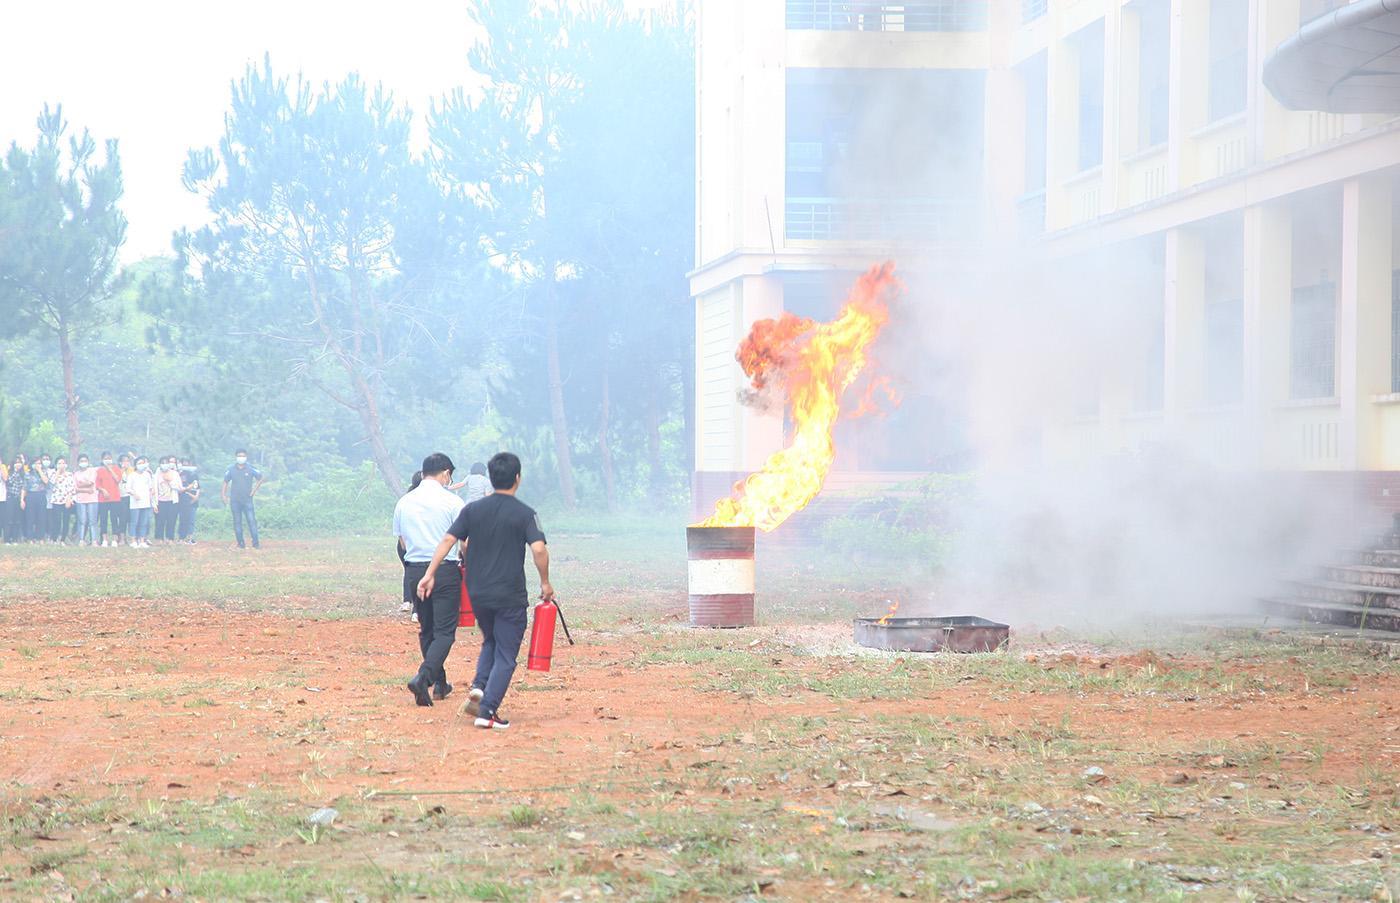 Diễn tập phương án chữa cháy và cứu nạn, cứu hộ tại Phân hiệu ĐHTN tại tỉnh Lào Cai